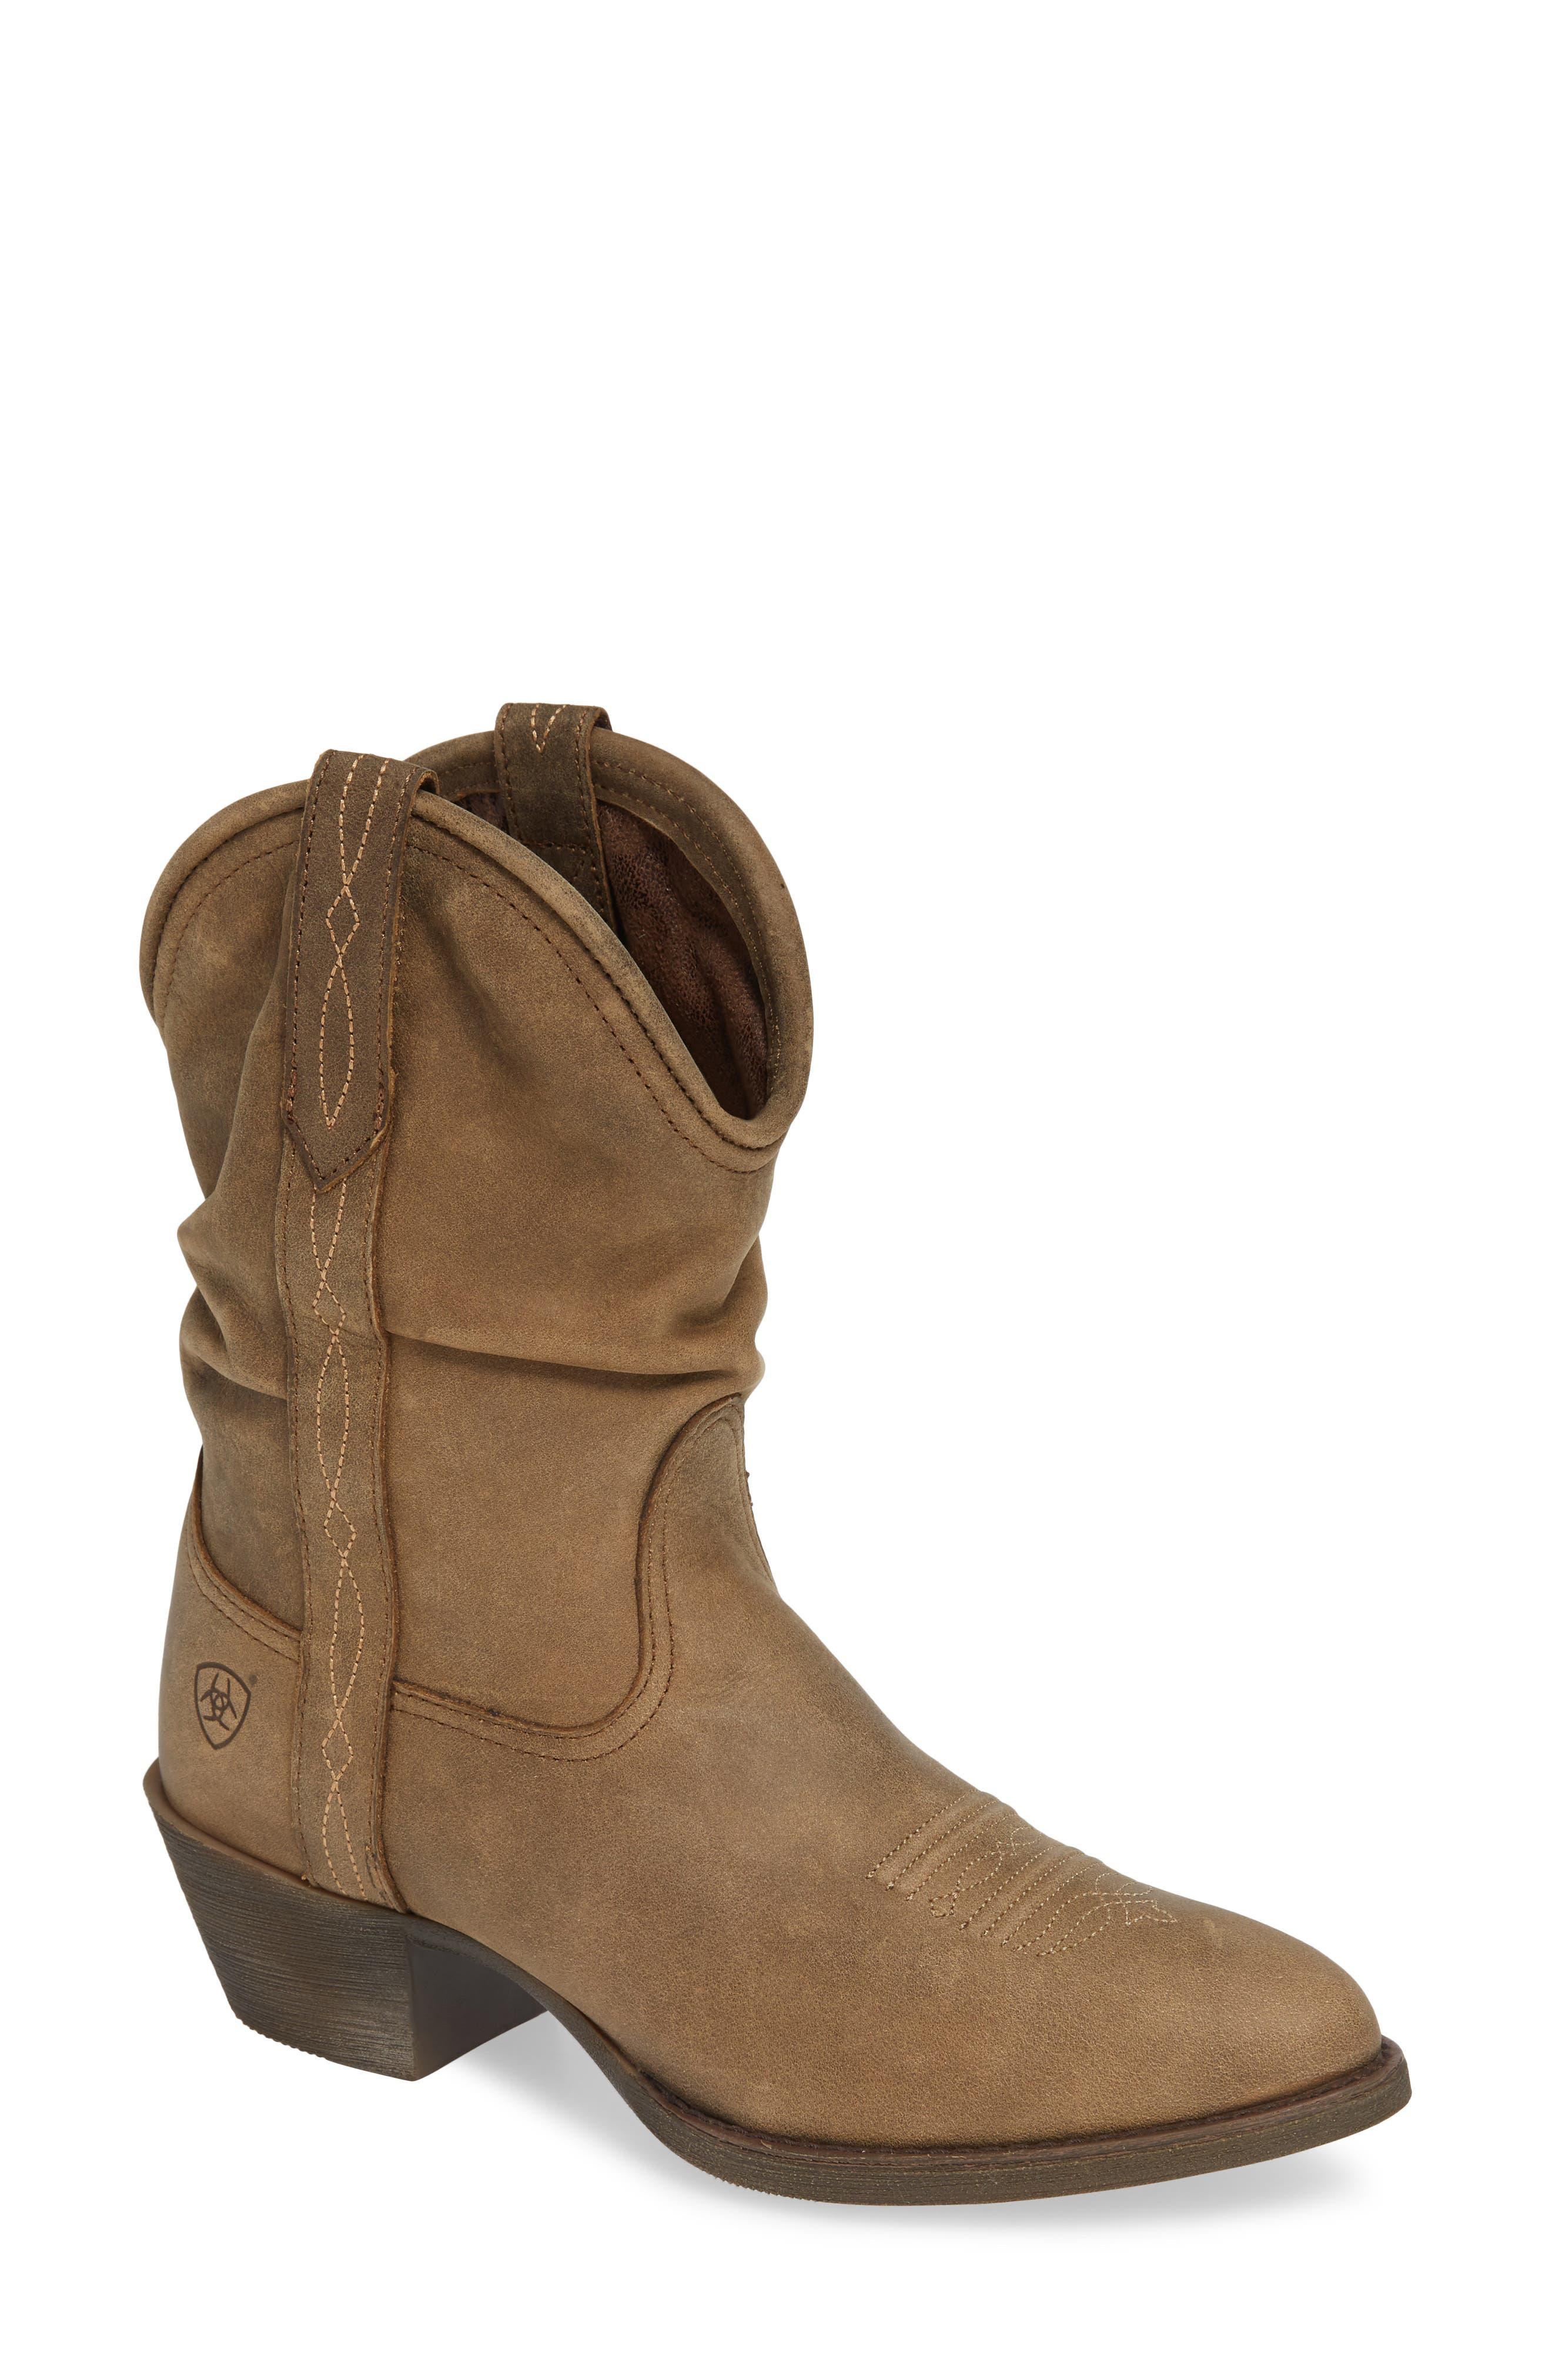 Ariat Reina Slouchy Western Boot, Beige